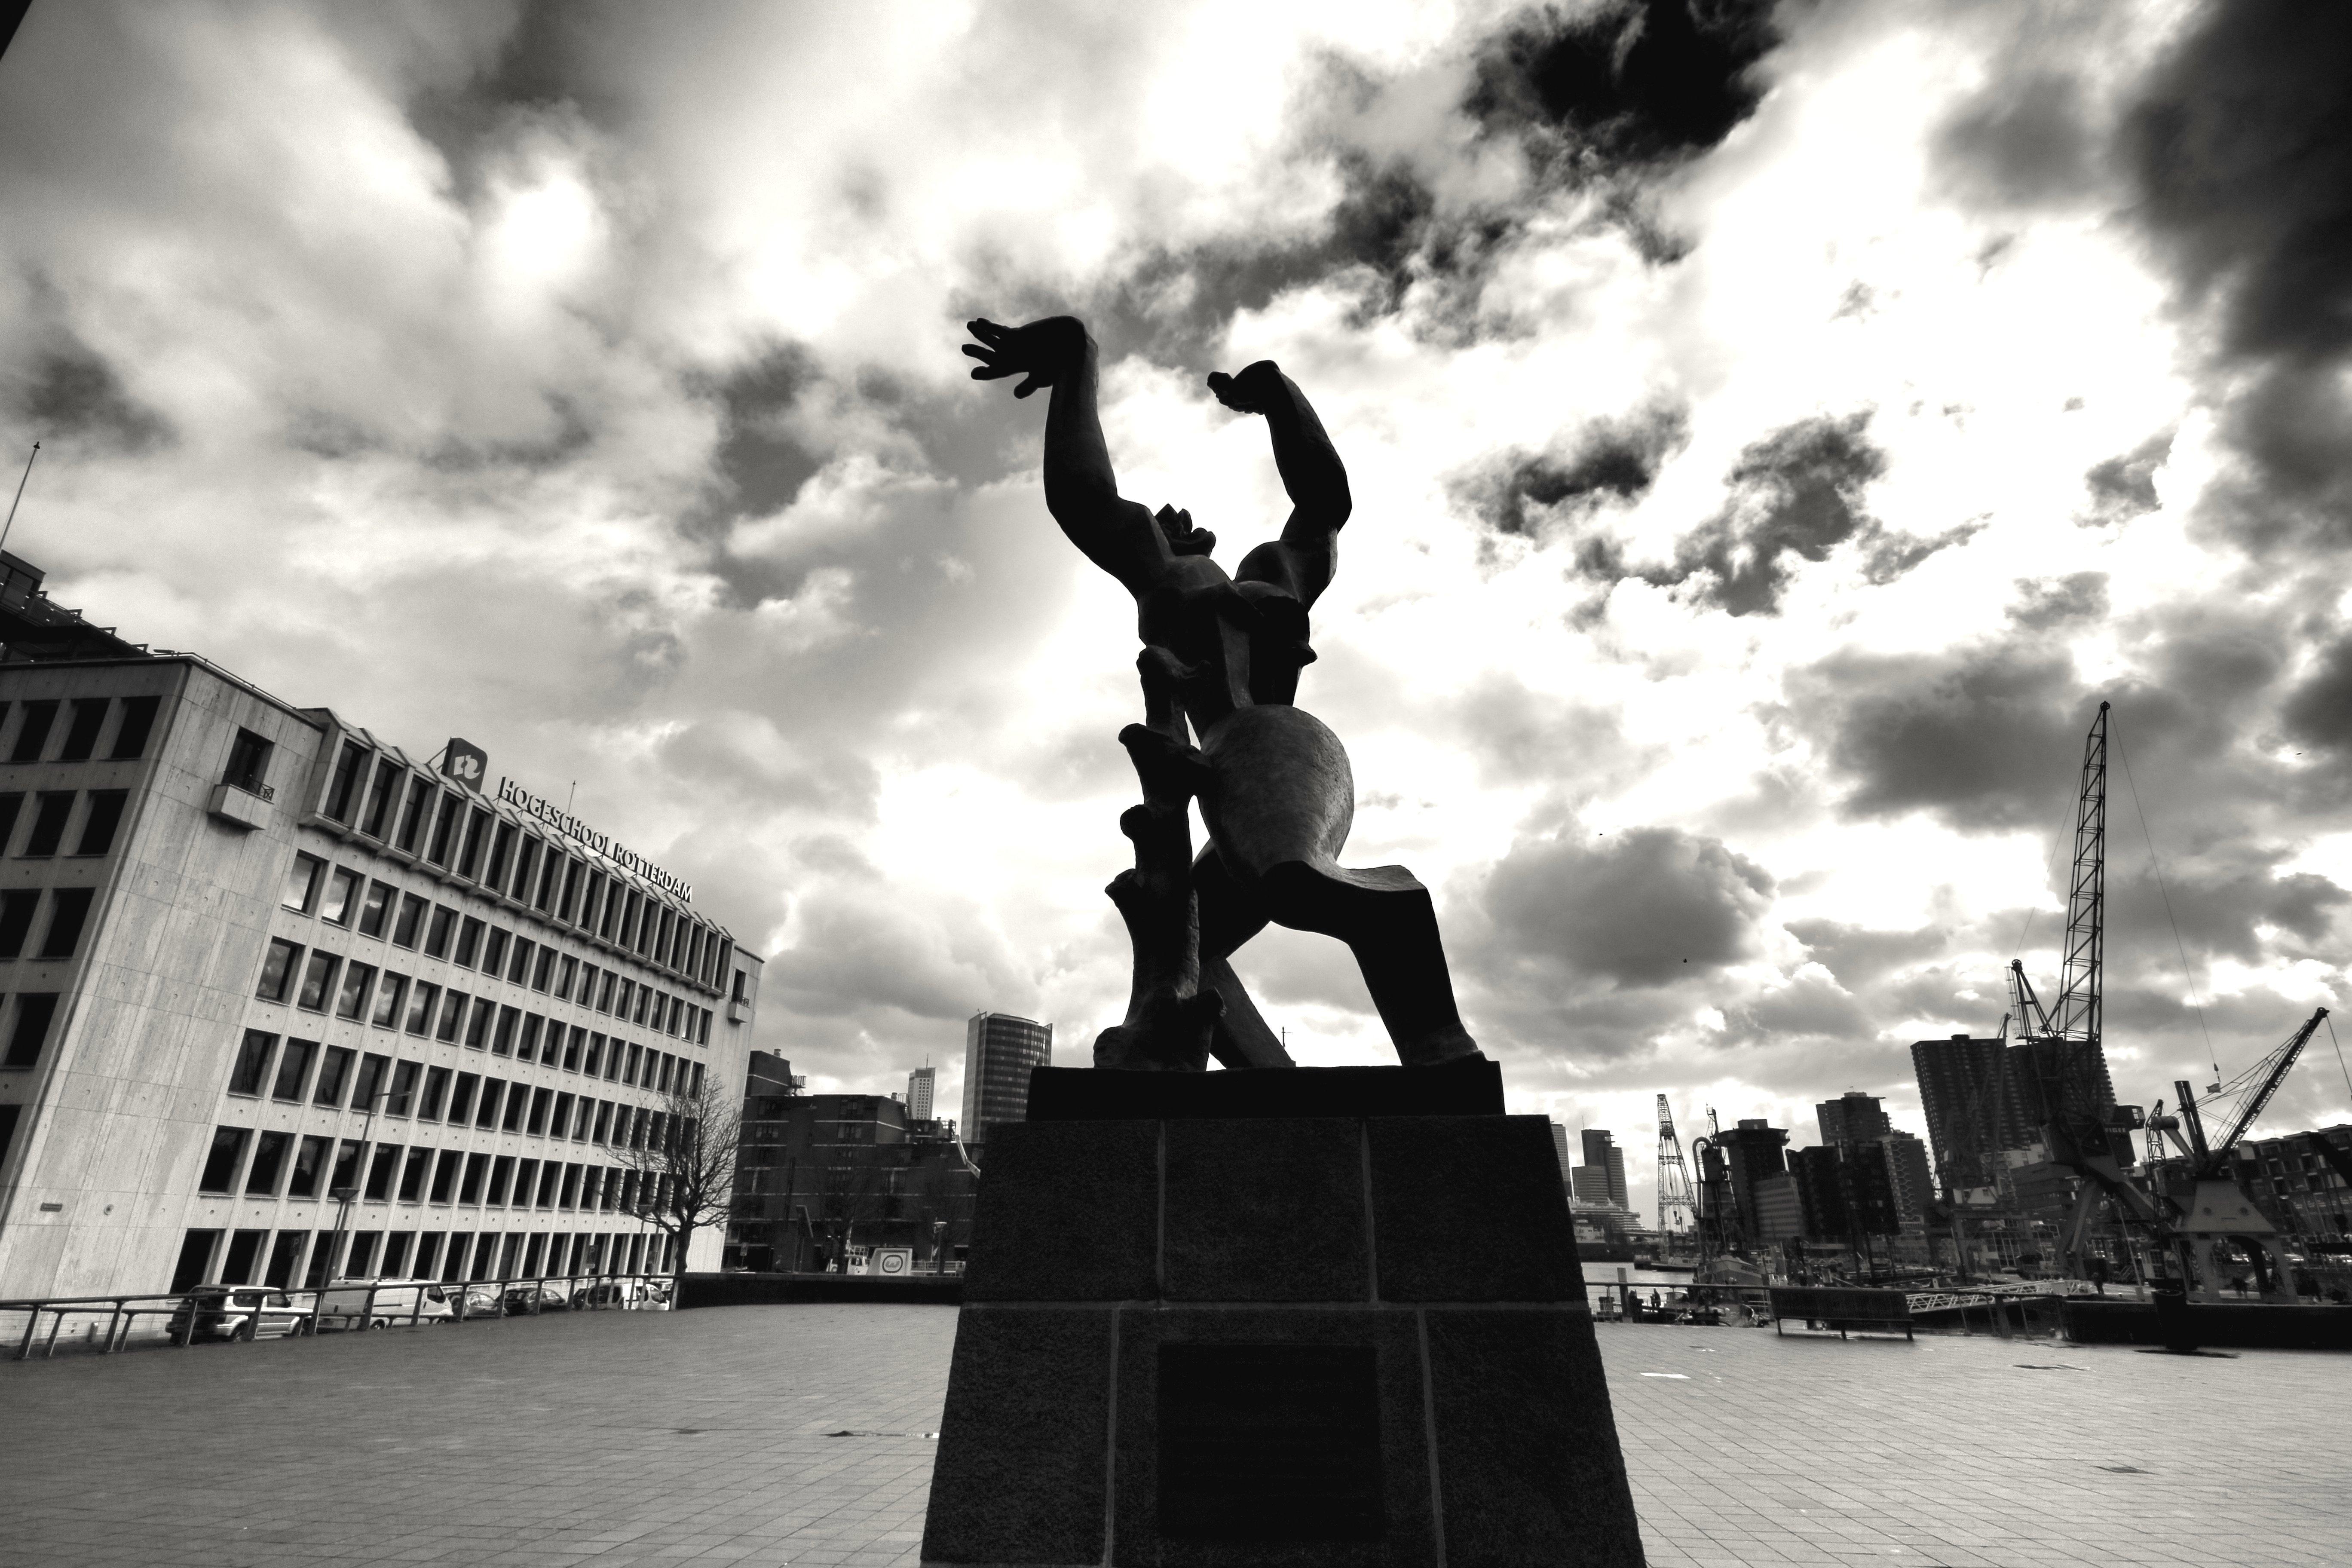 Papel de parede : estátua, céu, Marco, monumento, Preto e branco ...